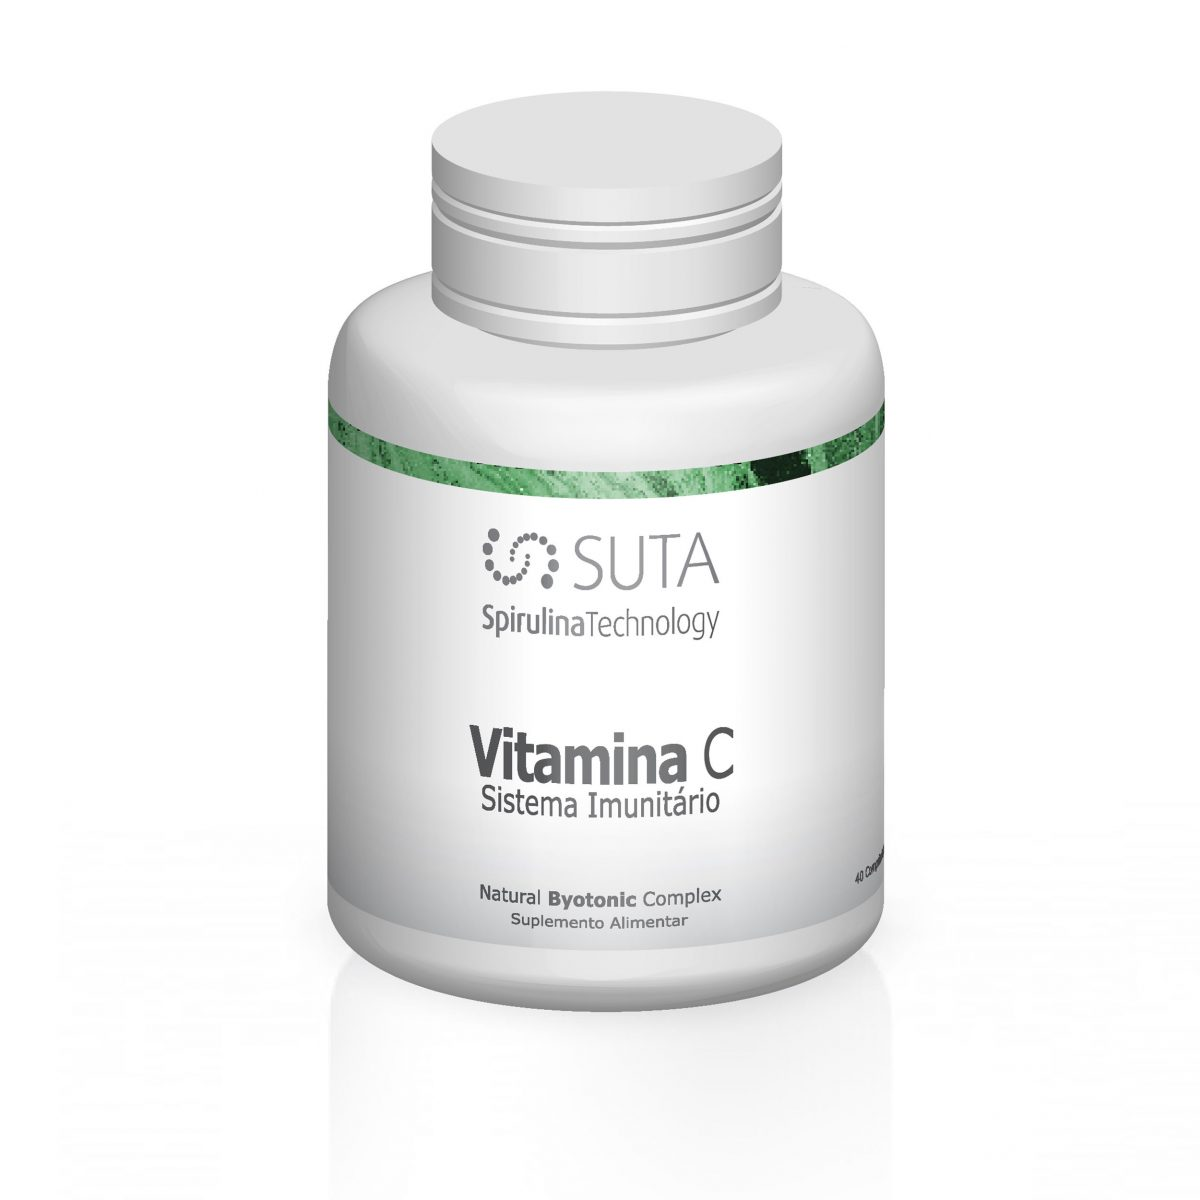 vitamina C-01-01